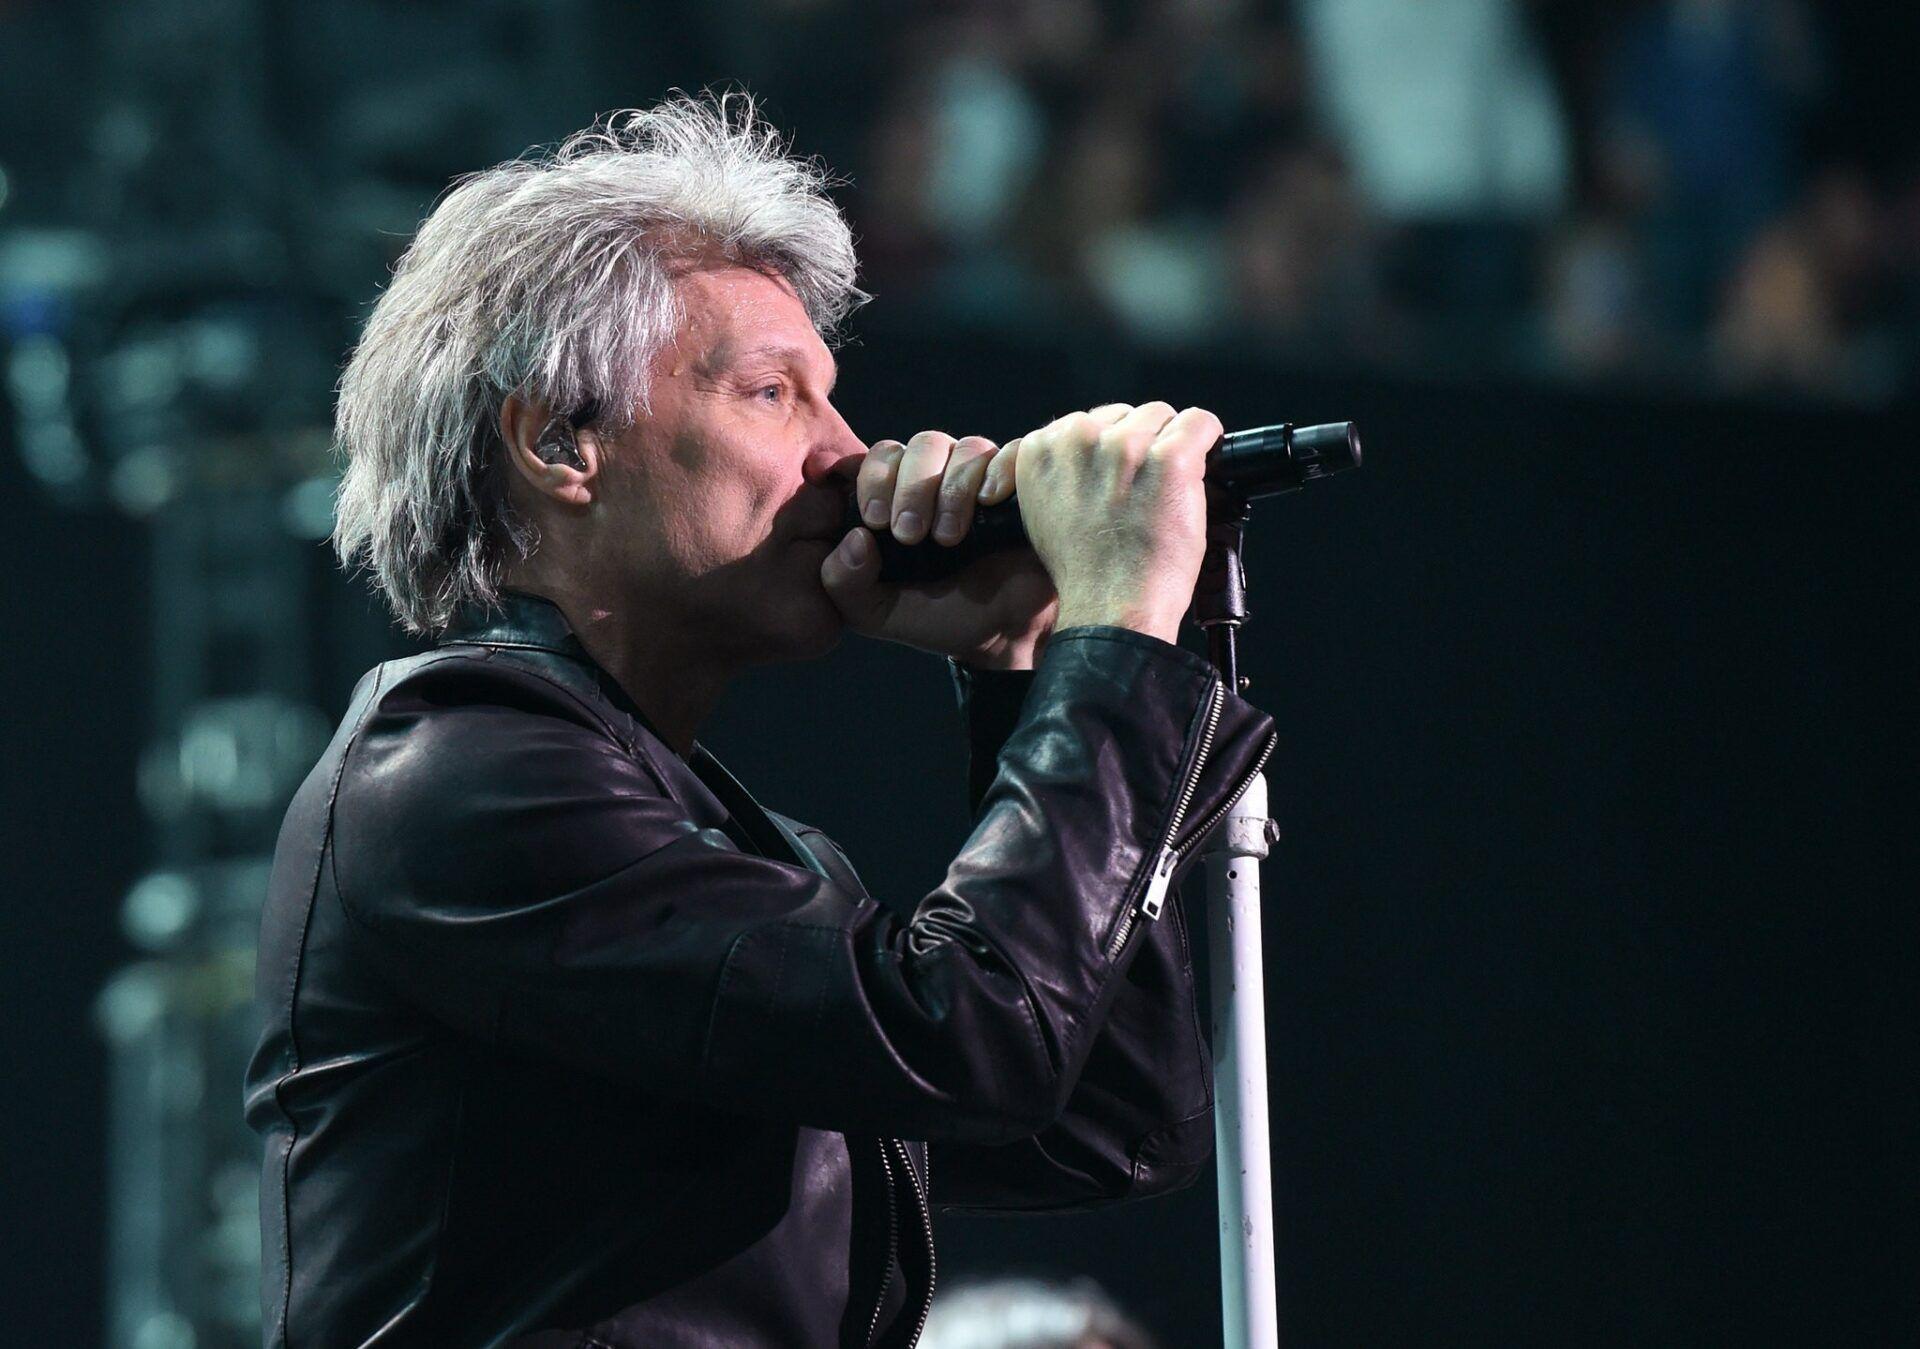 Bon Jovi in concert - две ръце на микрофона